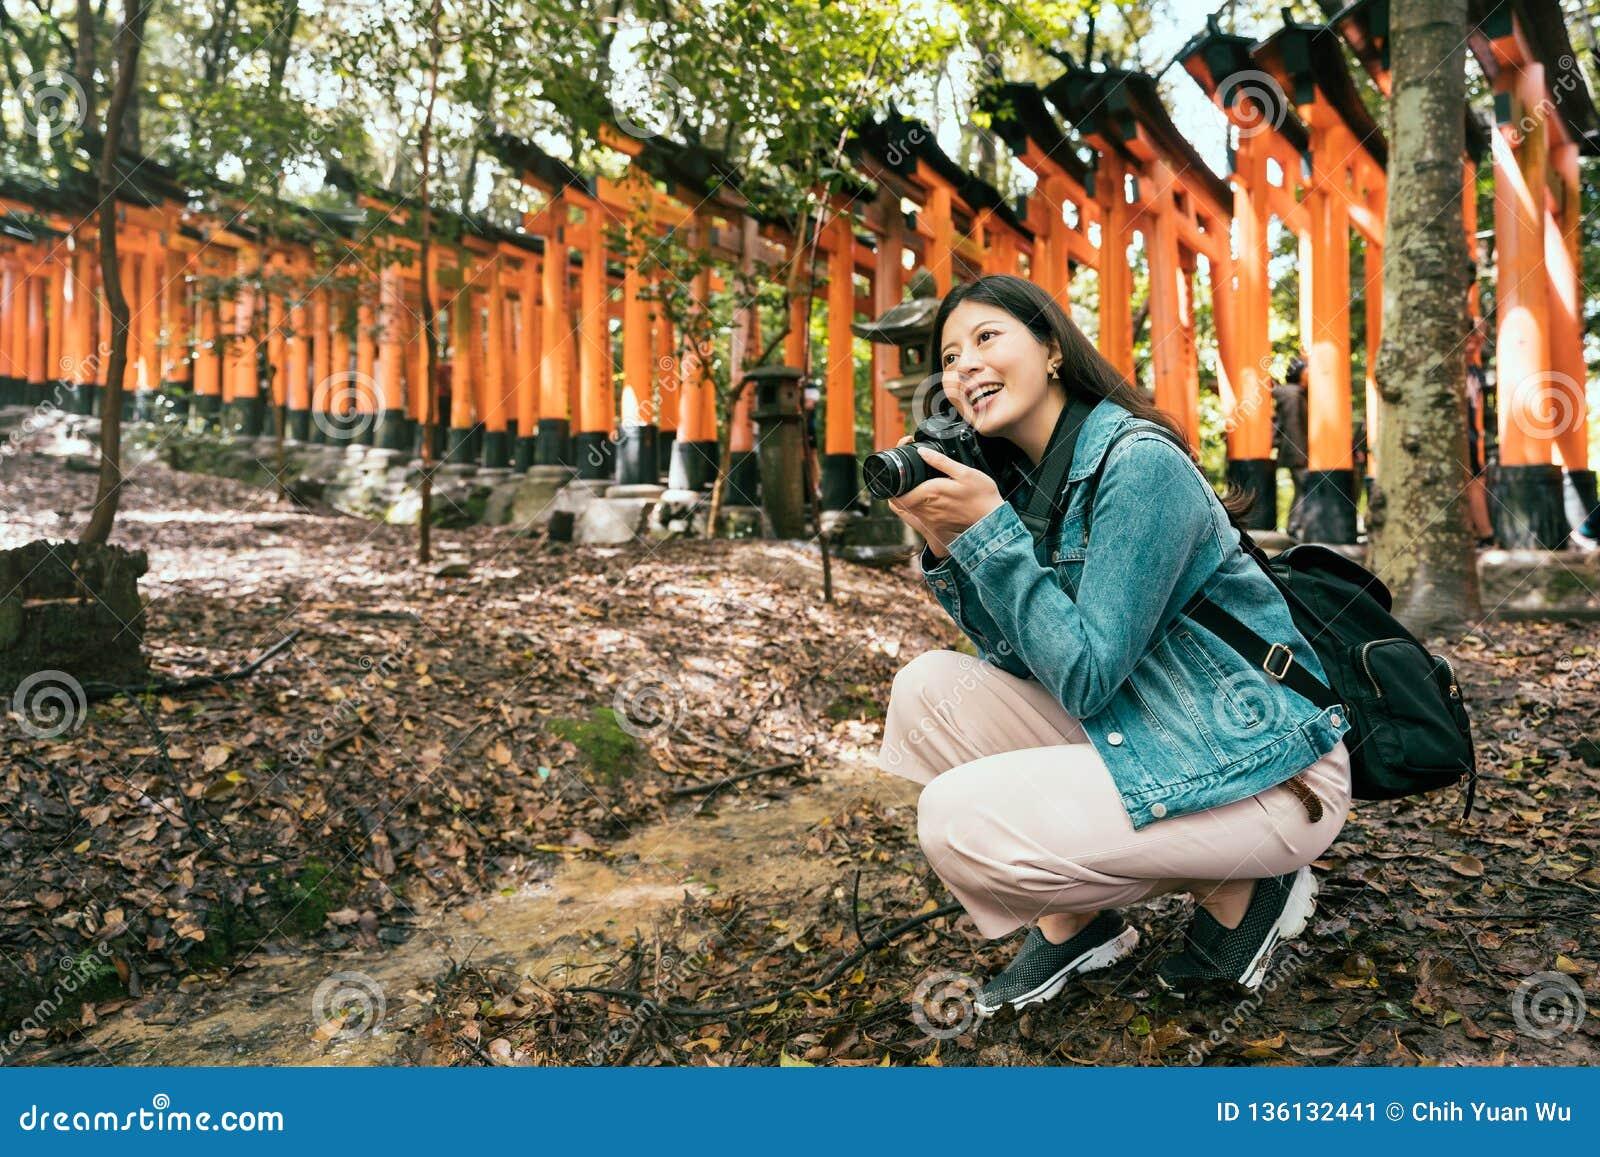 Viaggiatore con zaino e sacco a pelo in tempio che tiene macchina fotografica professionale